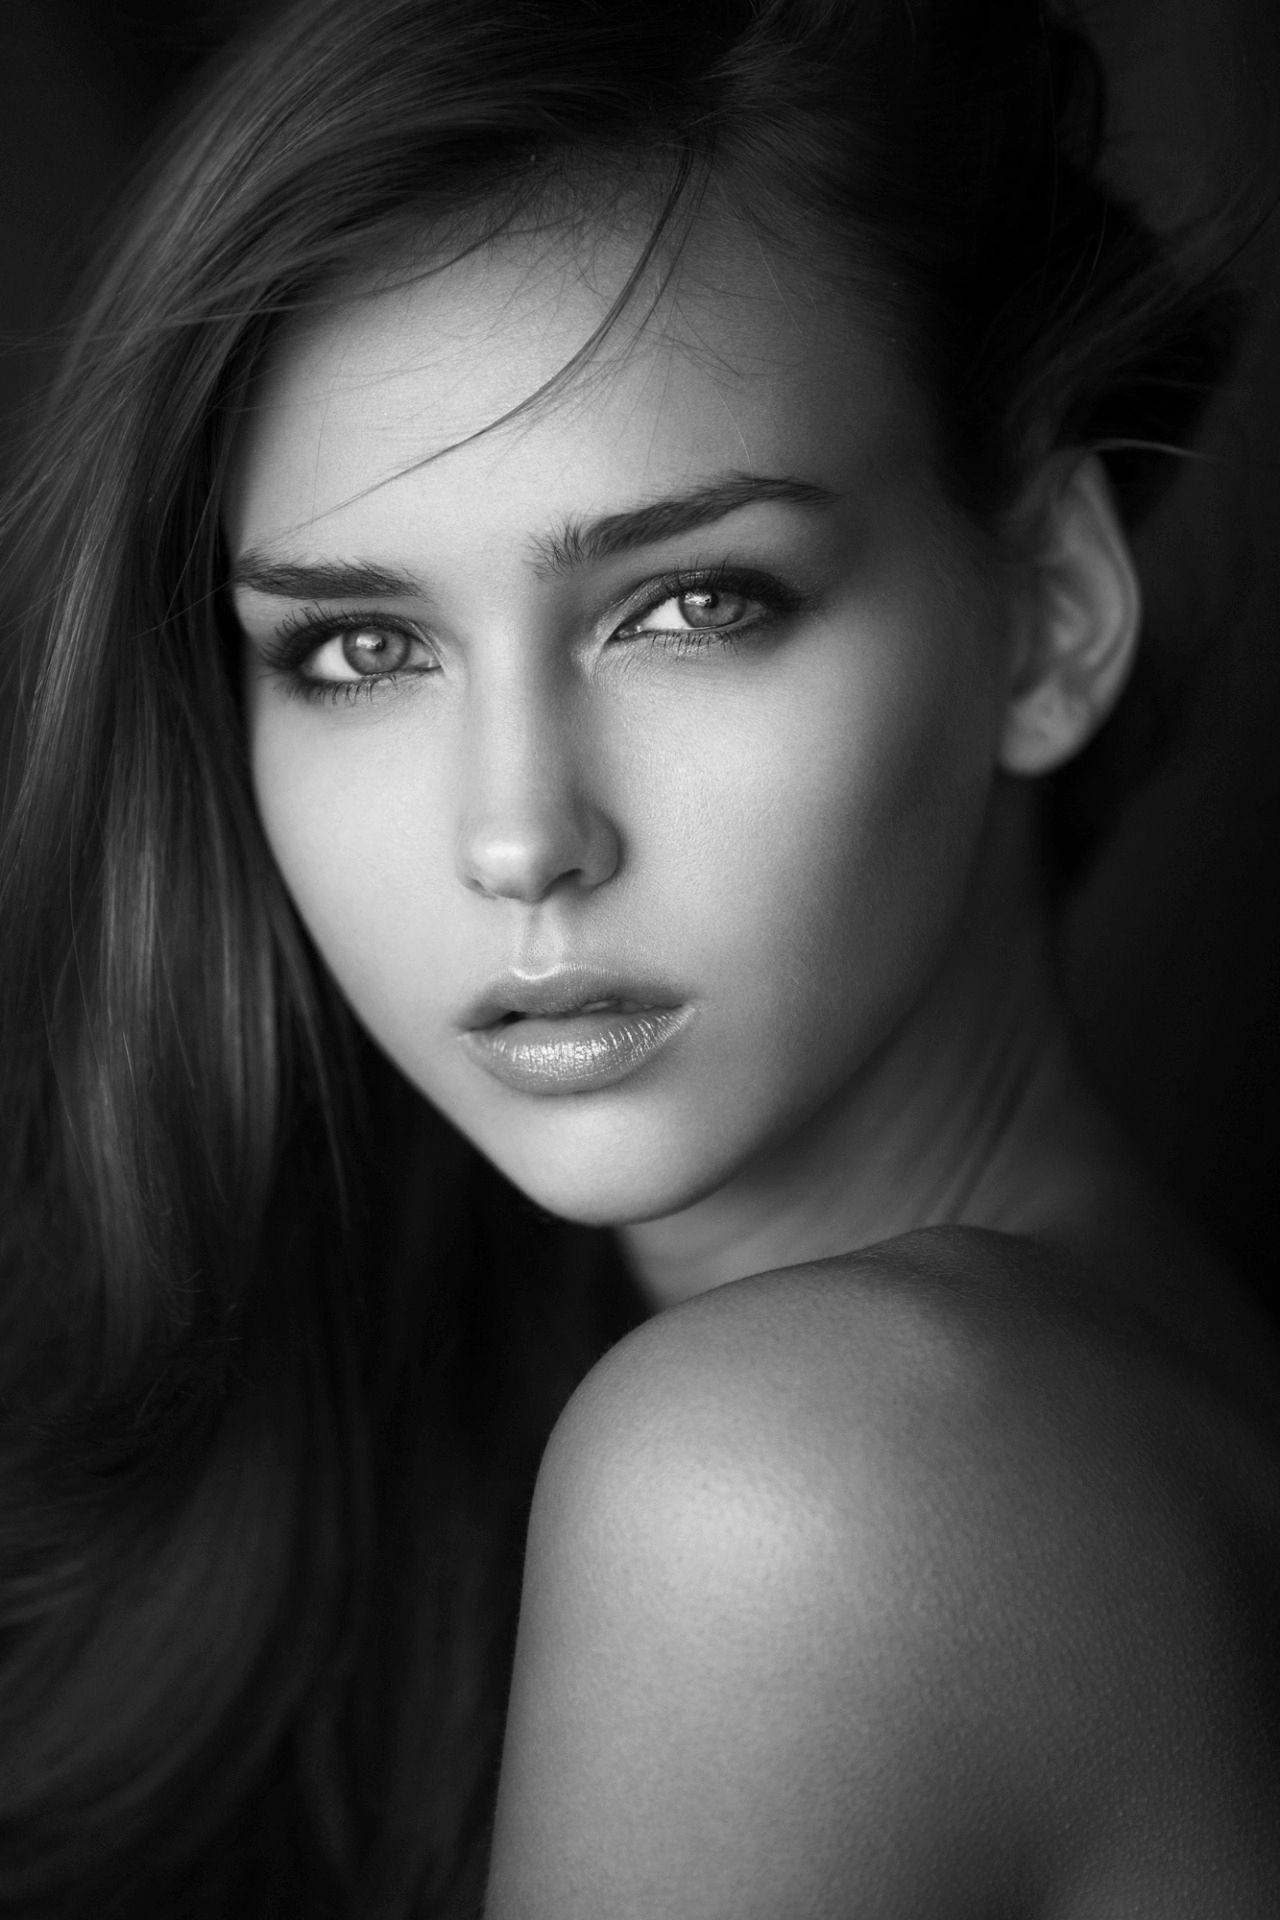 Relativ Sensualité en noir et blanc | Portraits de Femmes | Pinterest  WQ22